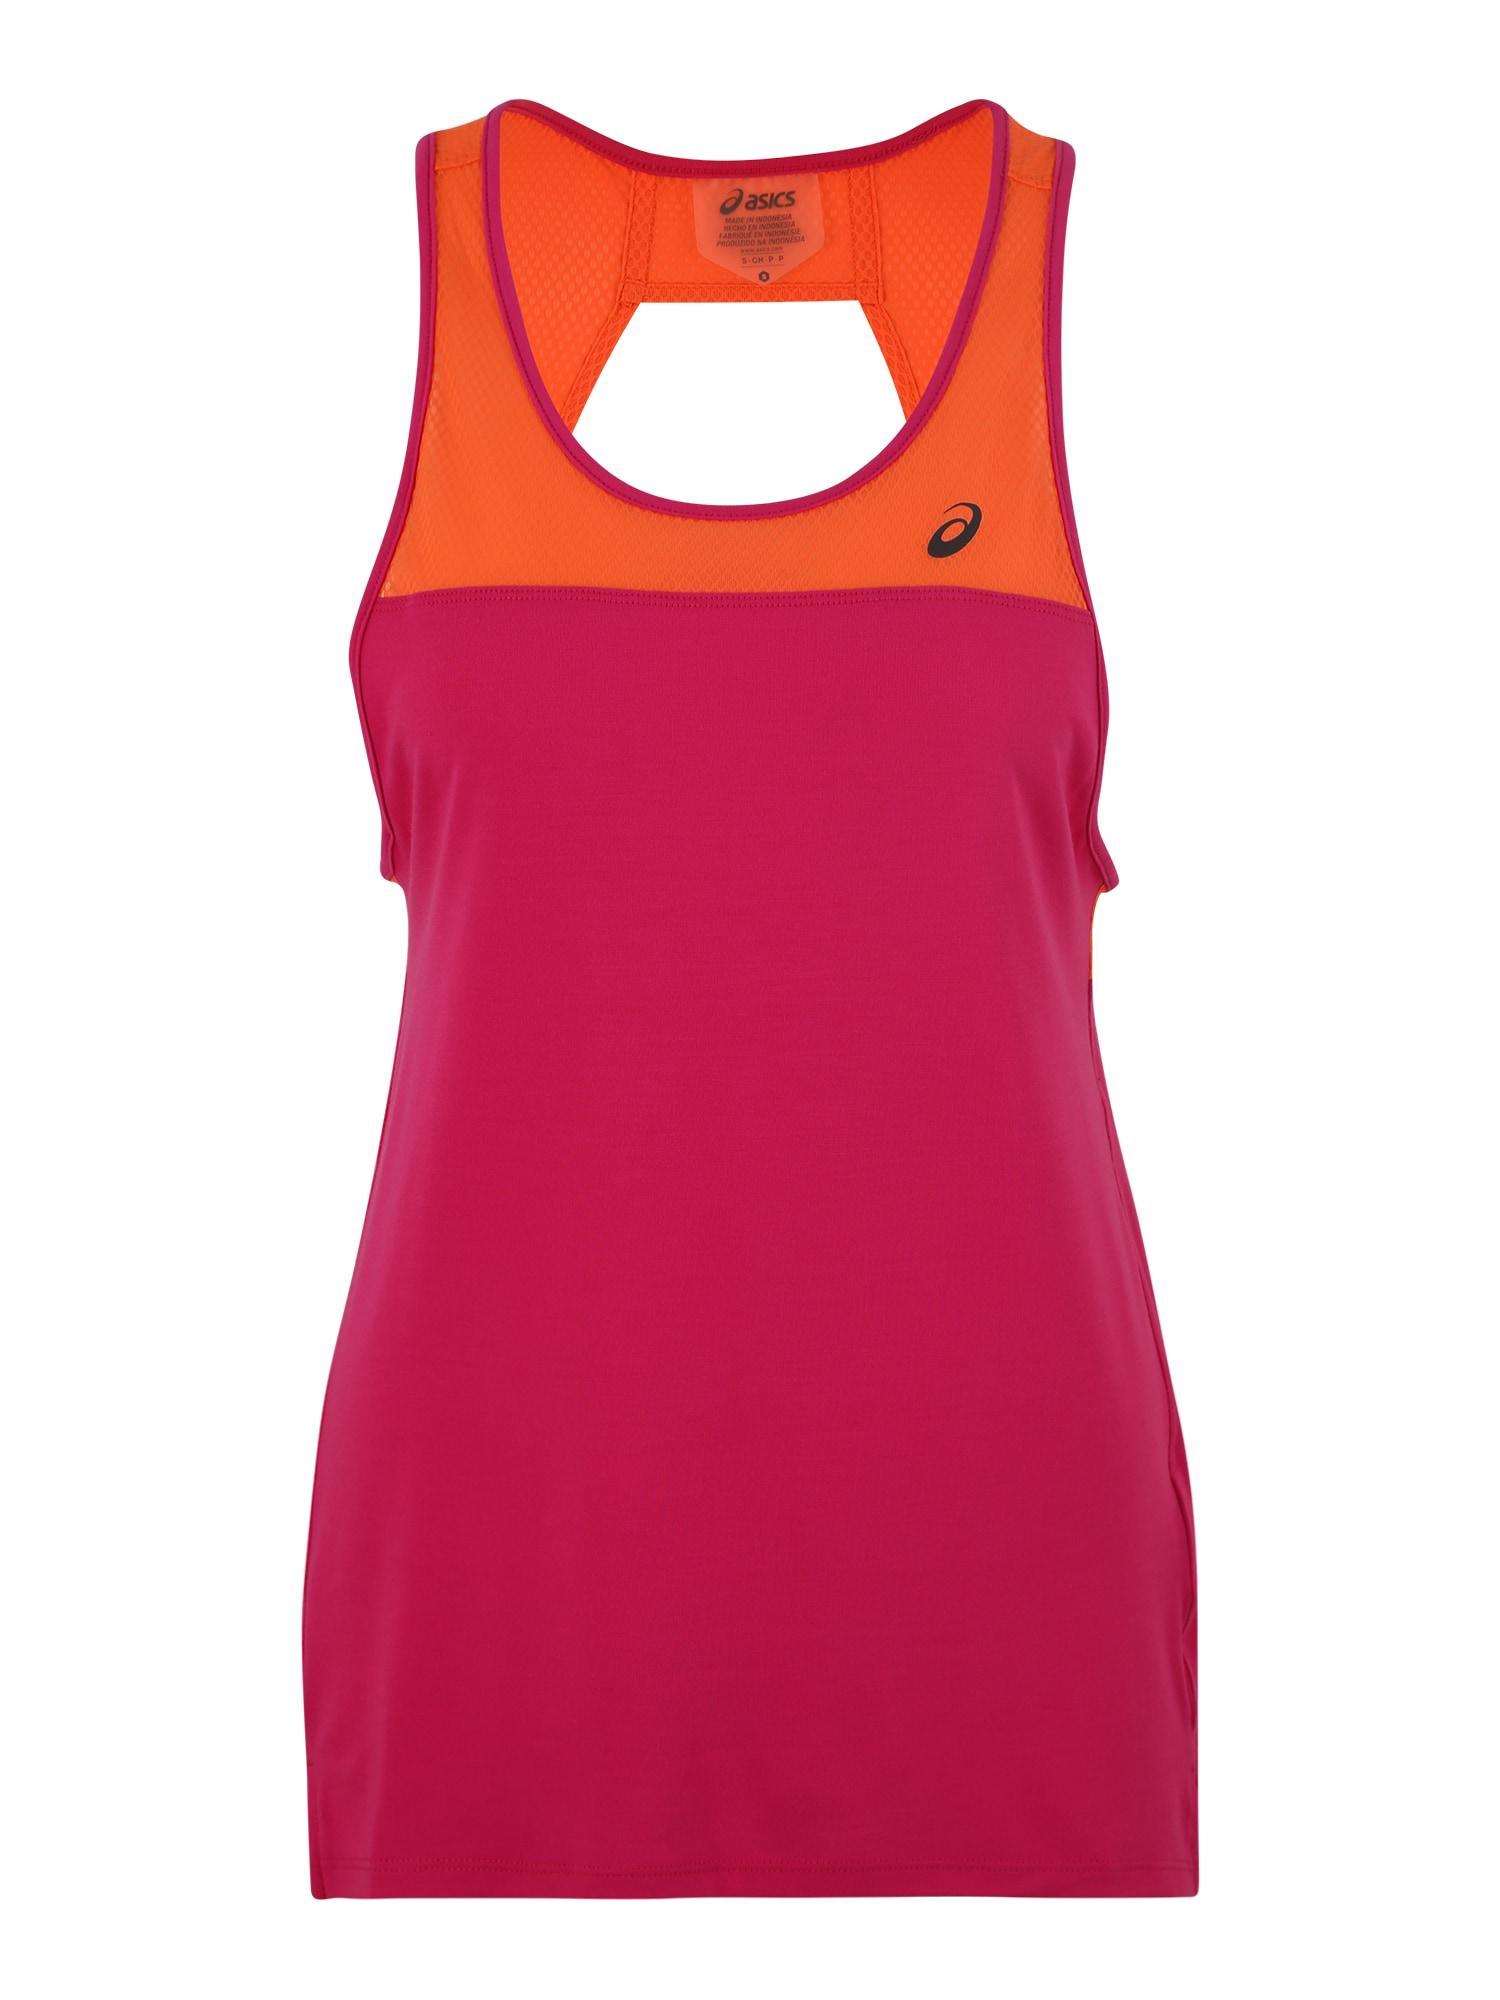 Sportovní top oranžová pink ASICS